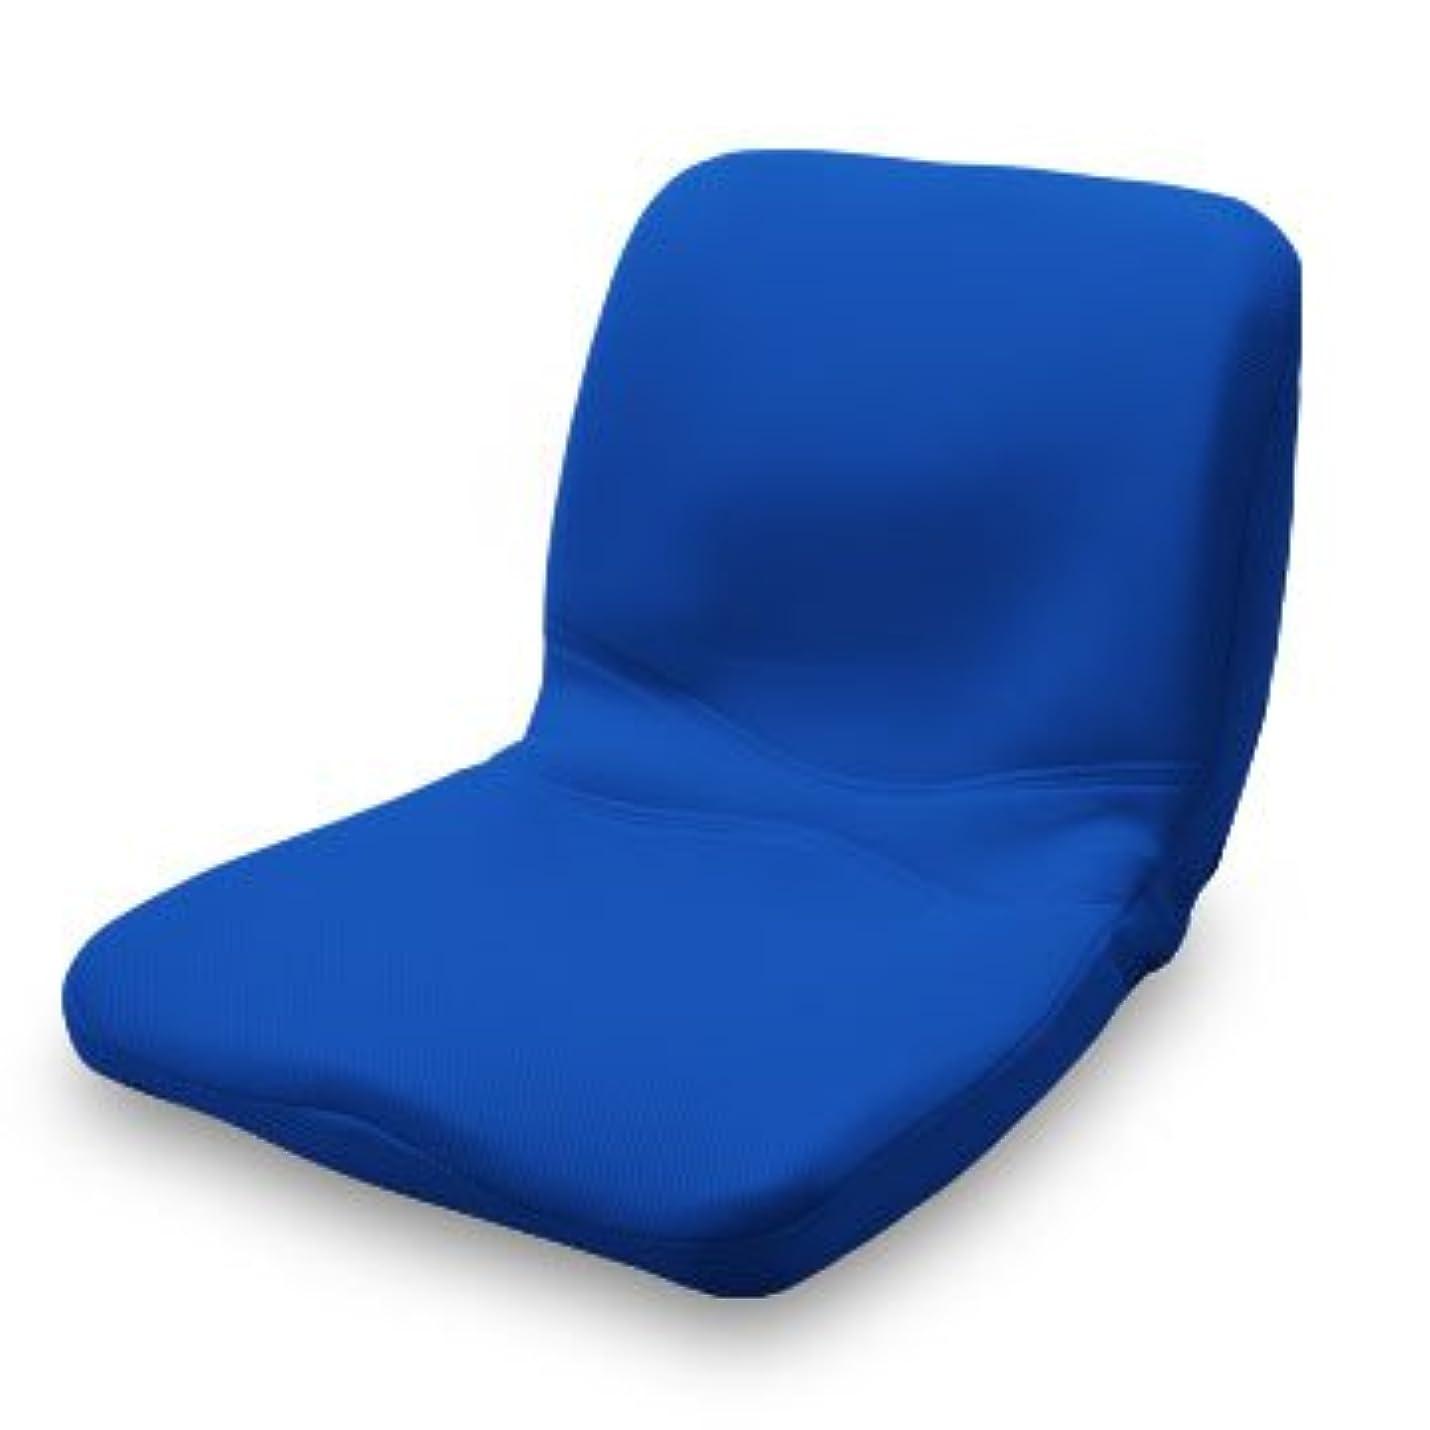 大破壁壁紙p!nto 正しい姿勢の習慣用座布団 クッション(pinto)ピント[blue]